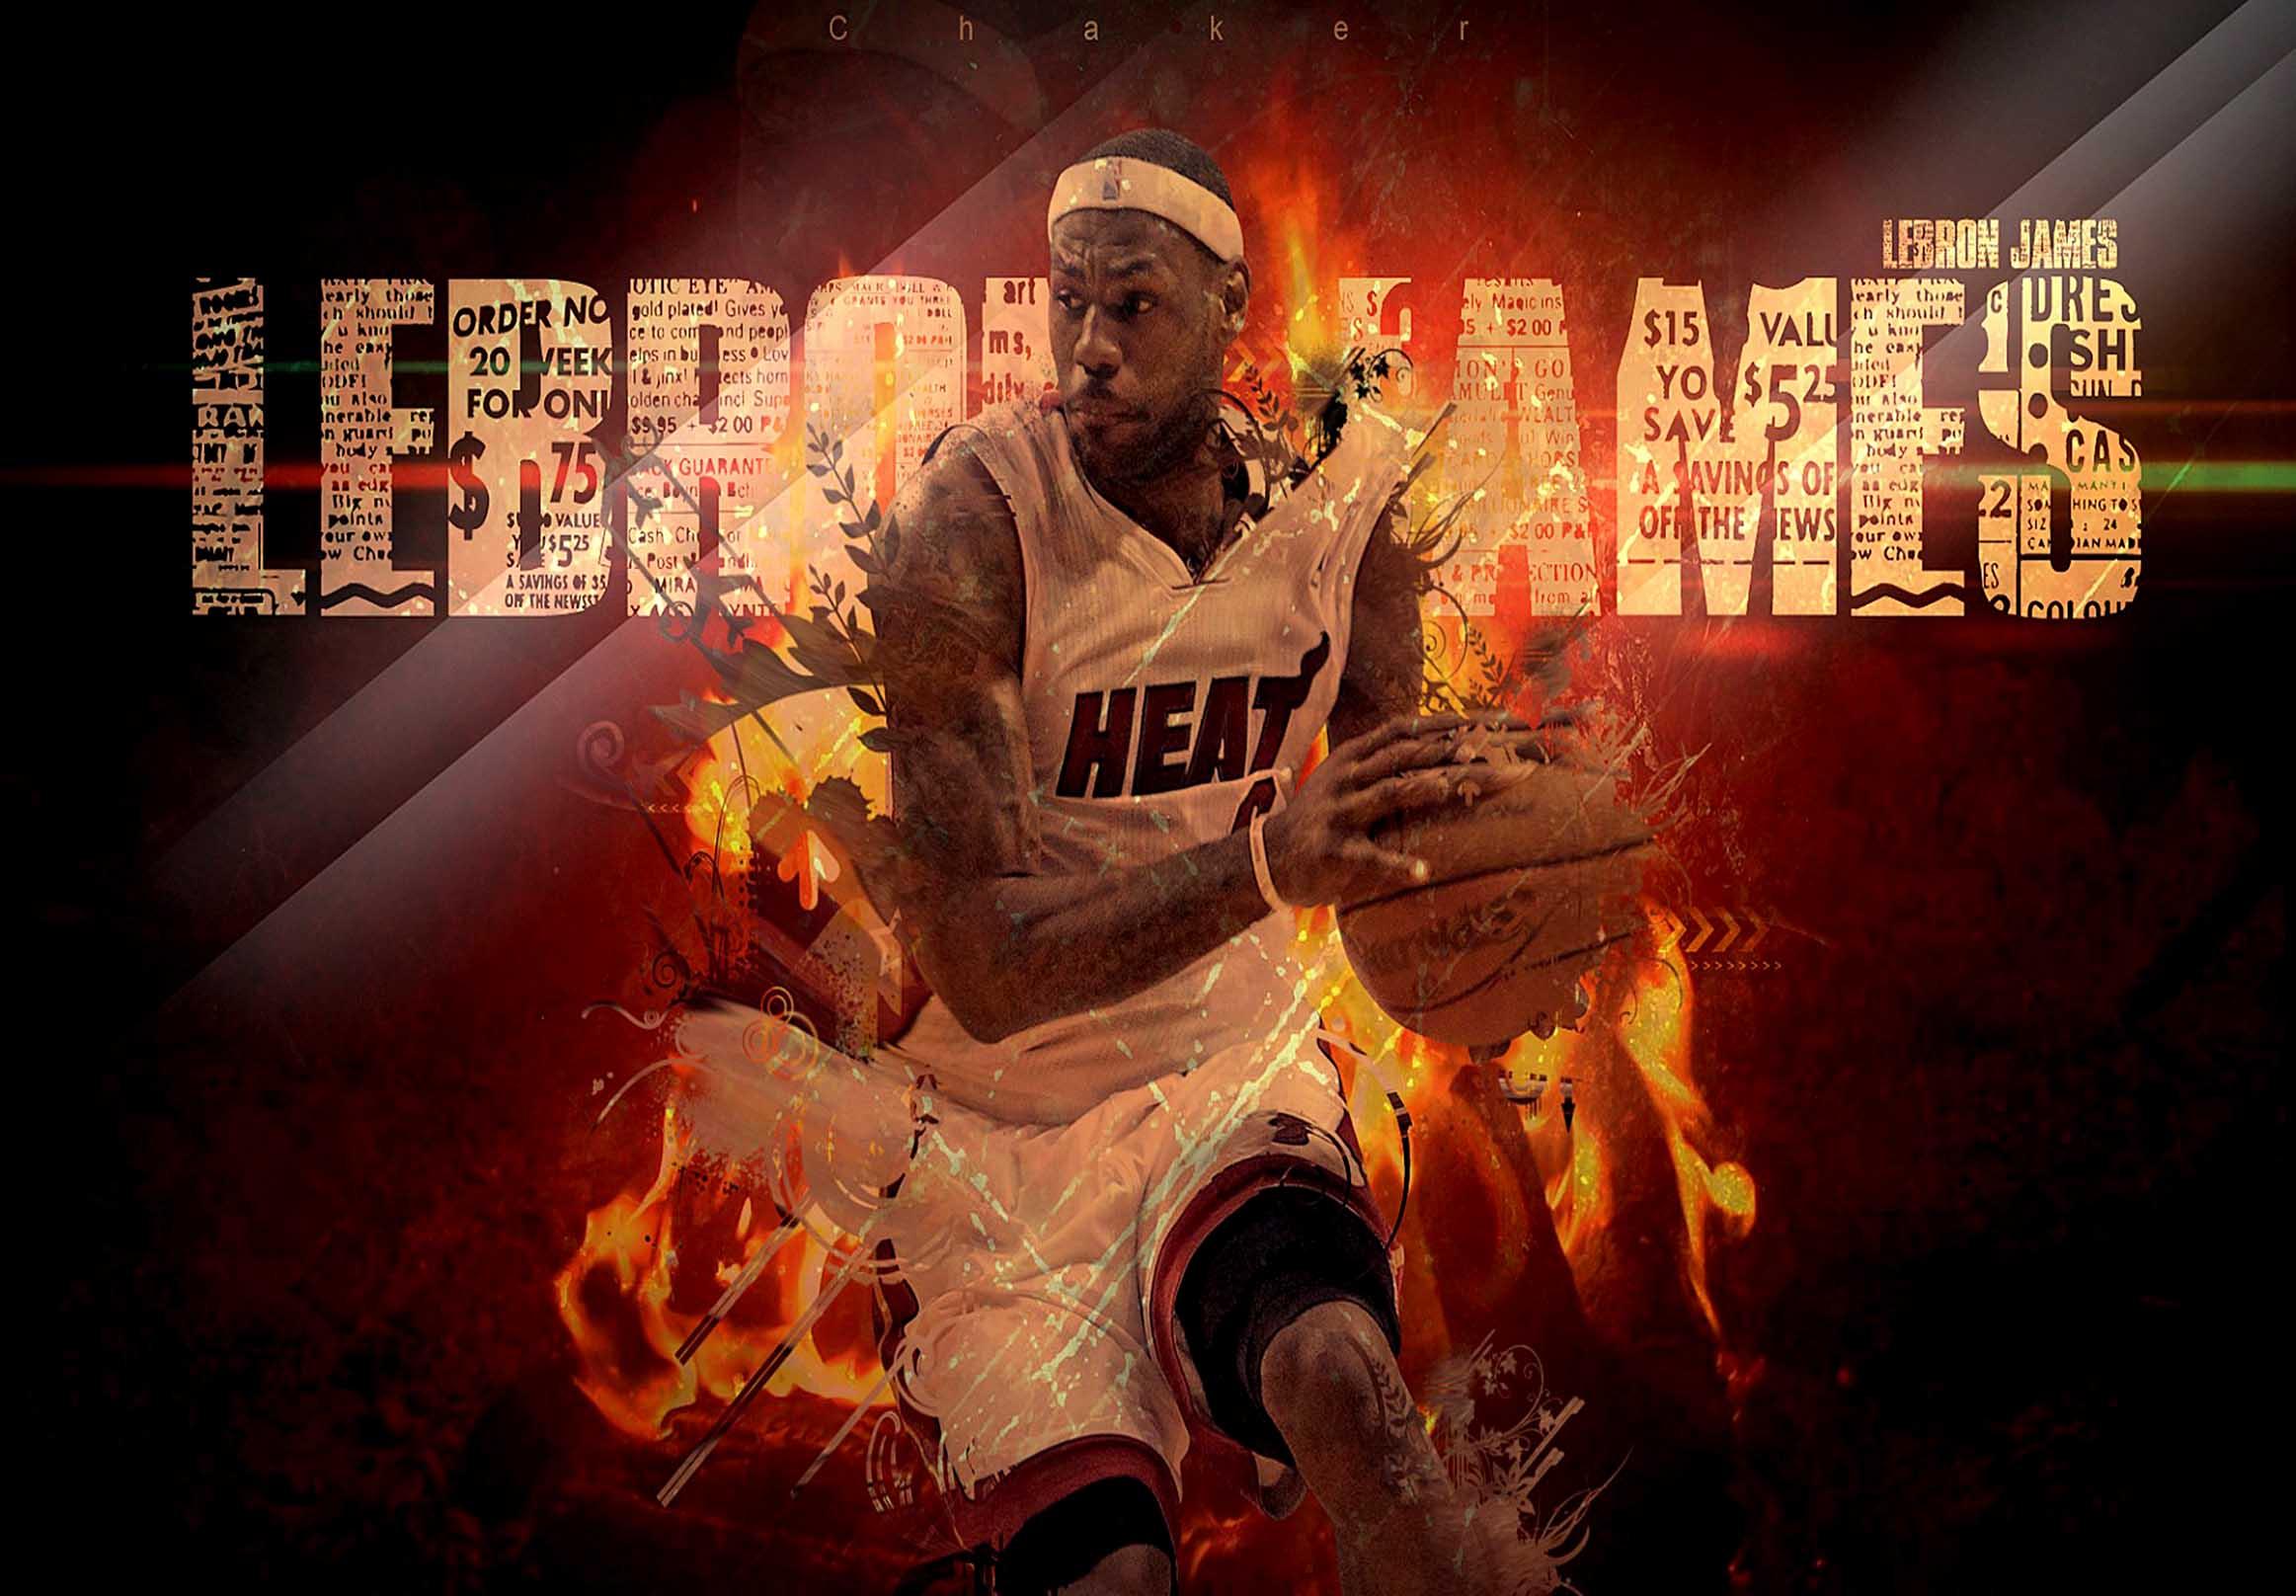 Miami Heat LeBron James Miami Canvas Tablo (Nba-canvas-LBJmiami)